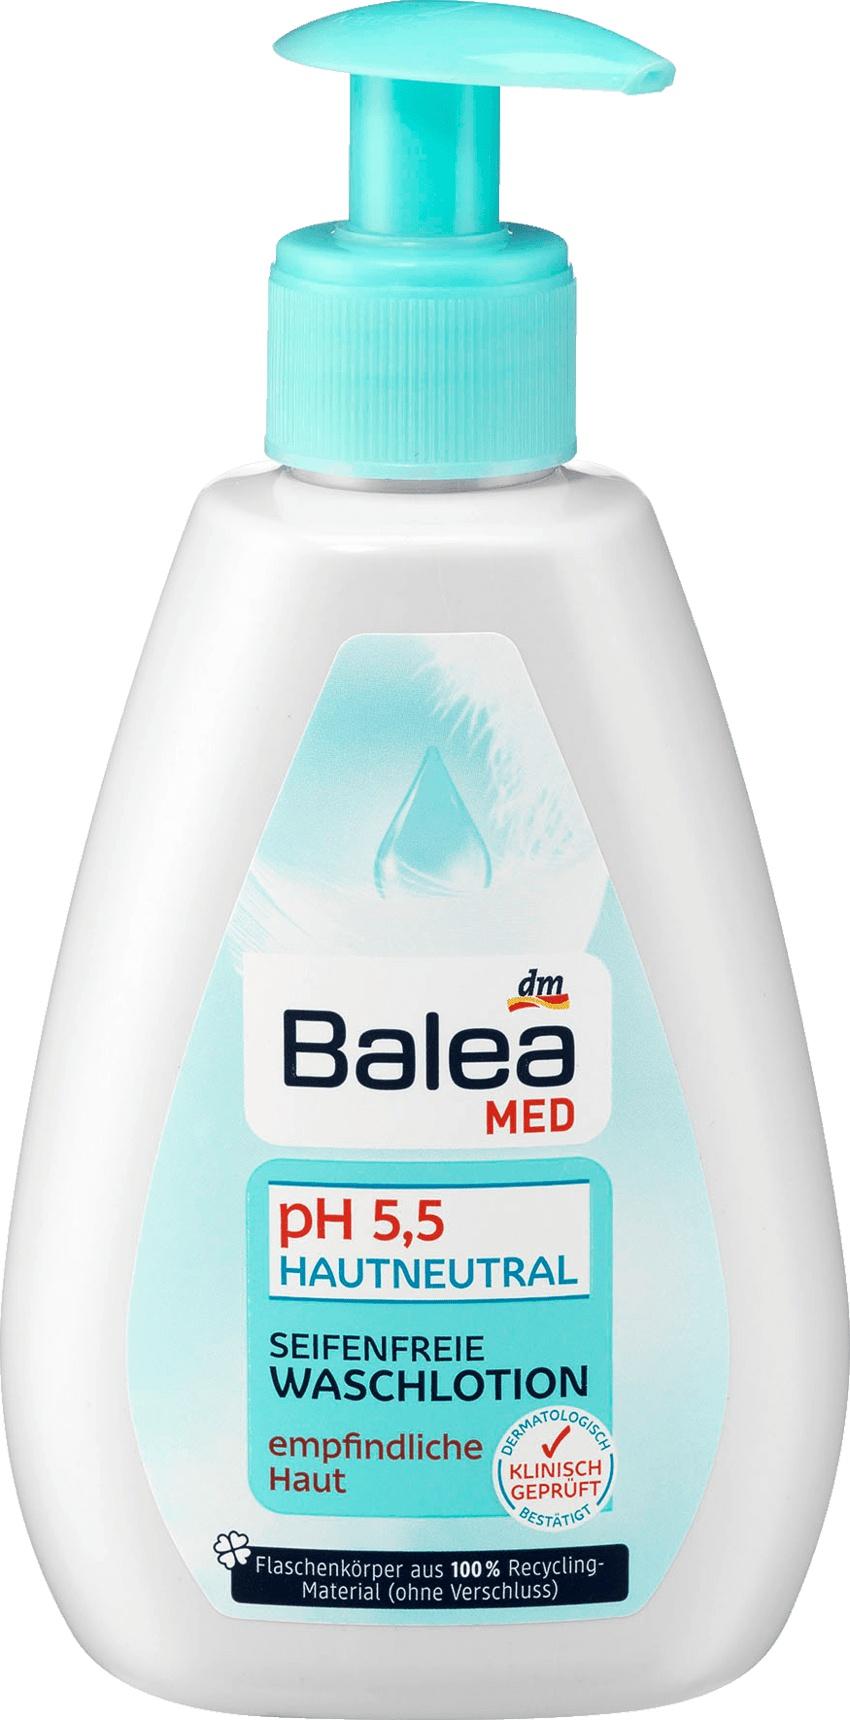 Balea Med seifenfreie Waschlotion